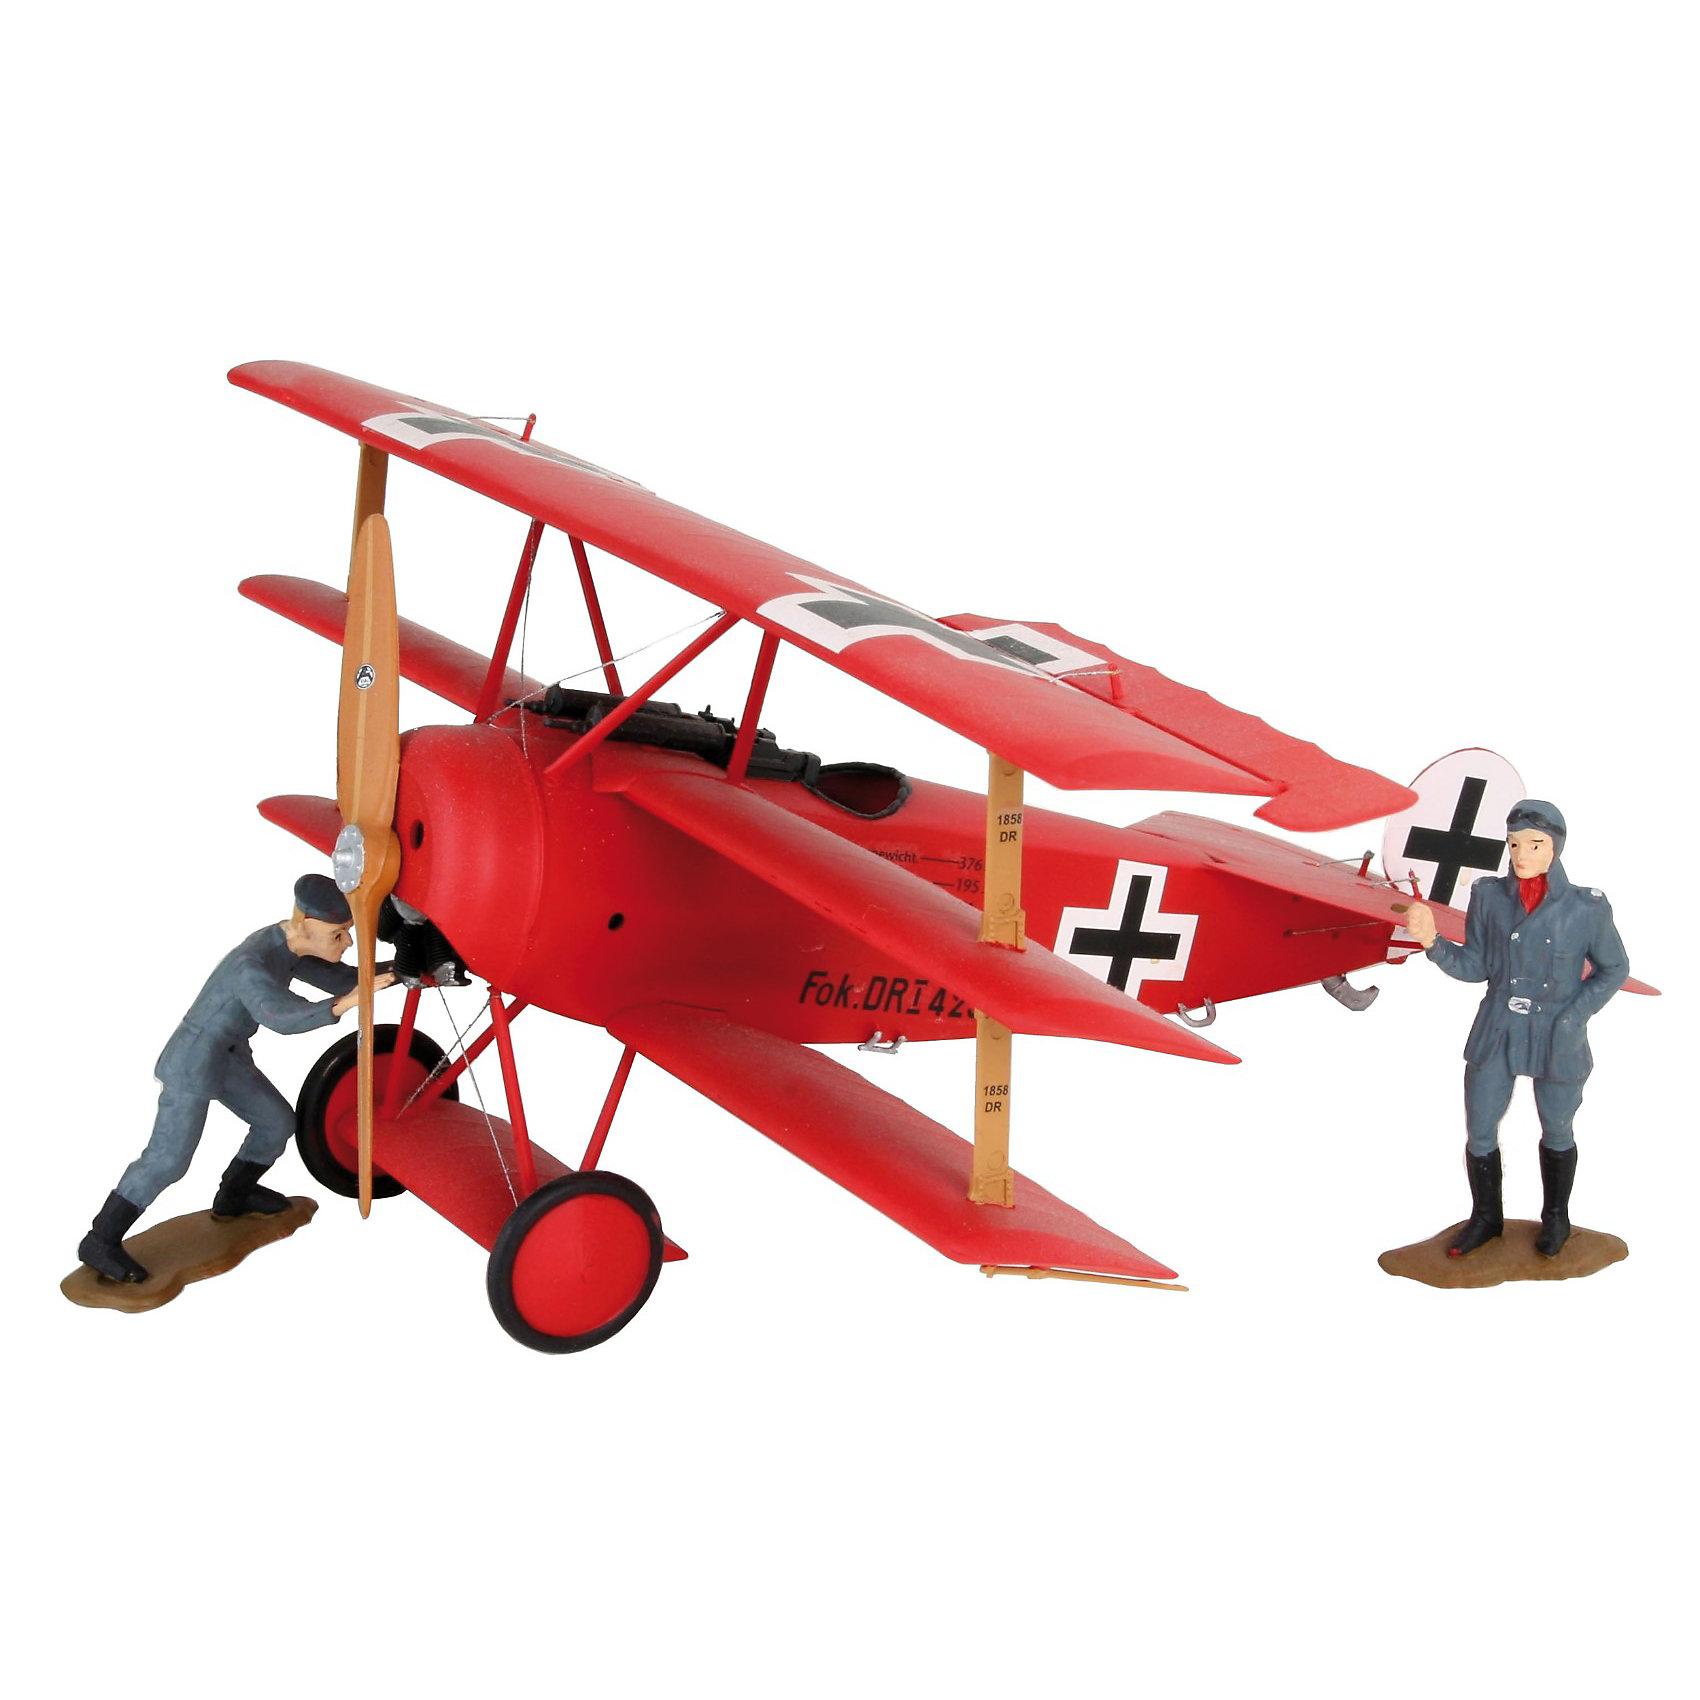 Маневренный военный самолет Fokker Dr.I RichthofenМодели для склеивания<br>Характеристики товара:<br><br>• возраст: от 10 лет;<br>• масштаб: 1:28;<br>• количество деталей: 66 шт;<br>• материал: пластик; <br>• клей и краски в комплект не входят;<br>• длина модели: 10,5 см;<br>• размах крыльев: 6,6 см;<br>• бренд, страна бренда: Revell (Ревел),Германия;<br>• страна-изготовитель: Китай.<br><br>Сборная модель для склеивания «Маневренный военный самолет Fokker Dr.I Richthofen» поможет вам и вашему ребенку придумать увлекательное занятие на долгое время и заполнит досуг веселой игрой. <br><br>Набор включает в себя 66 элементов из высококачественного пластика, а также схему для окрашивания модели и инструкция, с помощью которых можно собрать достоверную уменьшенную копию настоящего самолета.<br> <br>Процесс сборки развивает интеллектуальные и инструментальные способности, воображение и конструктивное мышление, а также прививает практические навыки работы со схемами и чертежами. <br>Обращаем ваше внимание на тот факт, что для сборки этой модели клей и краски в комплект не входят. <br><br>Сборную модель для склеивания «Маневренный военный самолет Fokker Dr.I Richthofen», 66 дет., Revell (Ревел) можно купить в нашем интернет-магазине.<br><br>Ширина мм: 368<br>Глубина мм: 238<br>Высота мм: 59<br>Вес г: 300<br>Возраст от месяцев: 168<br>Возраст до месяцев: 1164<br>Пол: Мужской<br>Возраст: Детский<br>SKU: 1772946